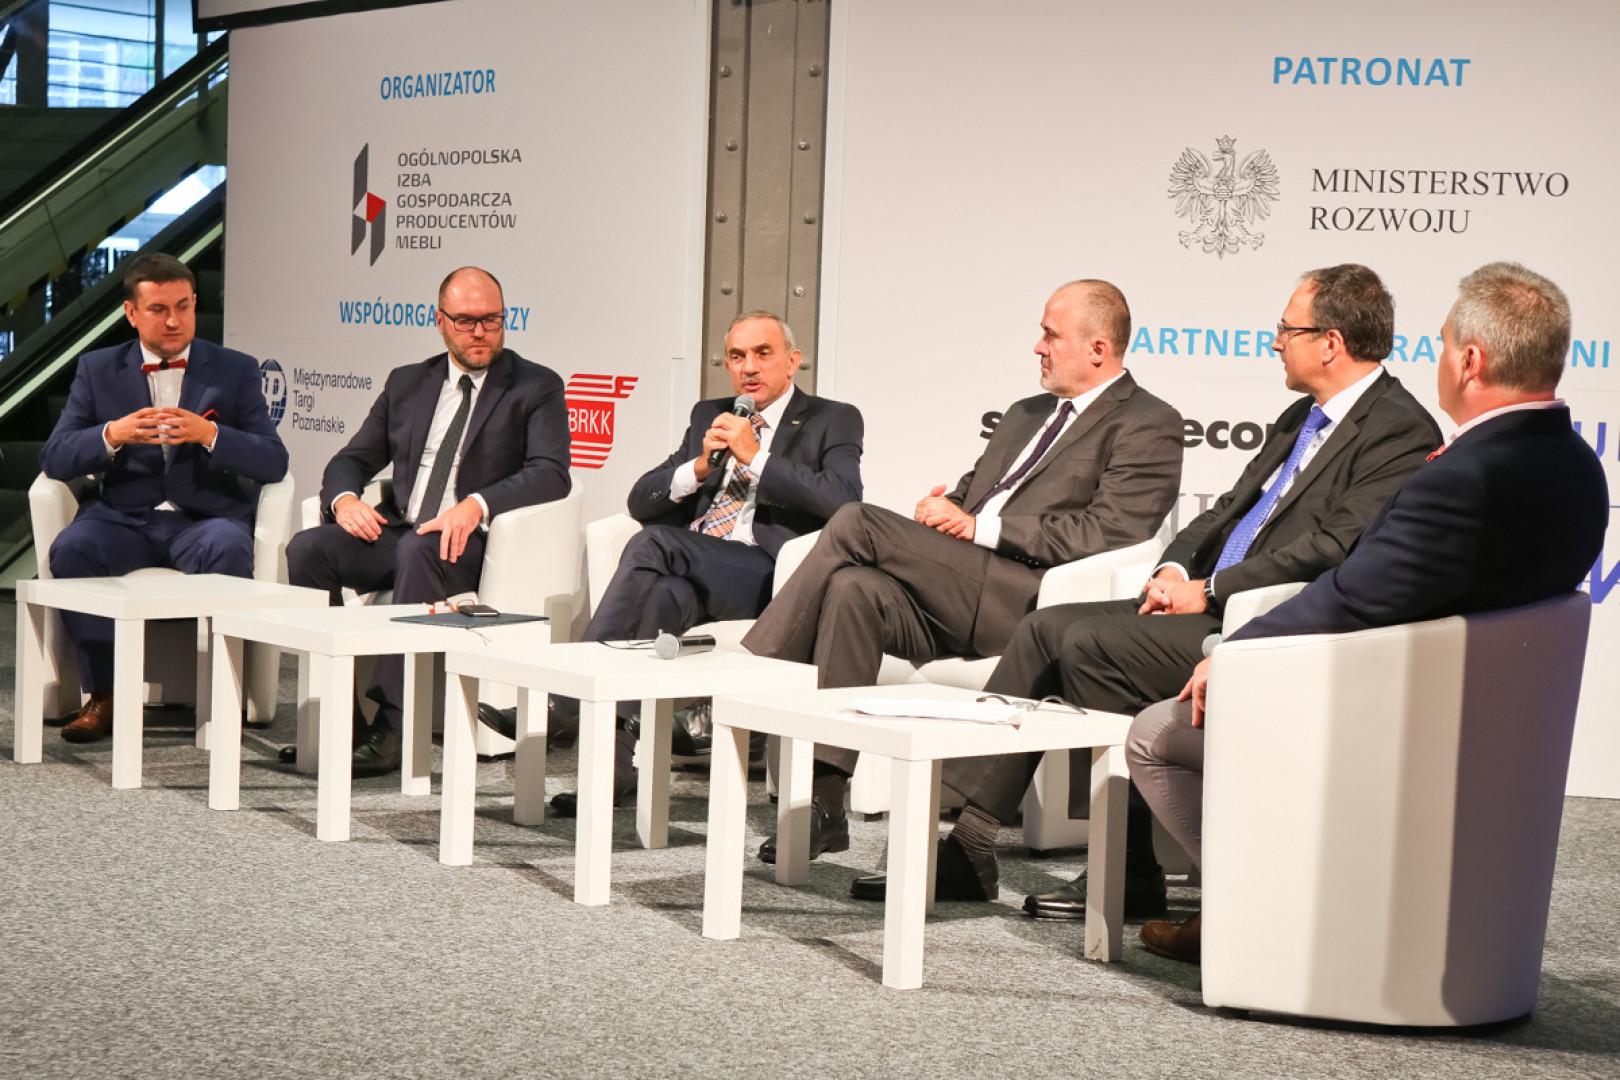 Ogólnopolski Kongres Meblarski 2017